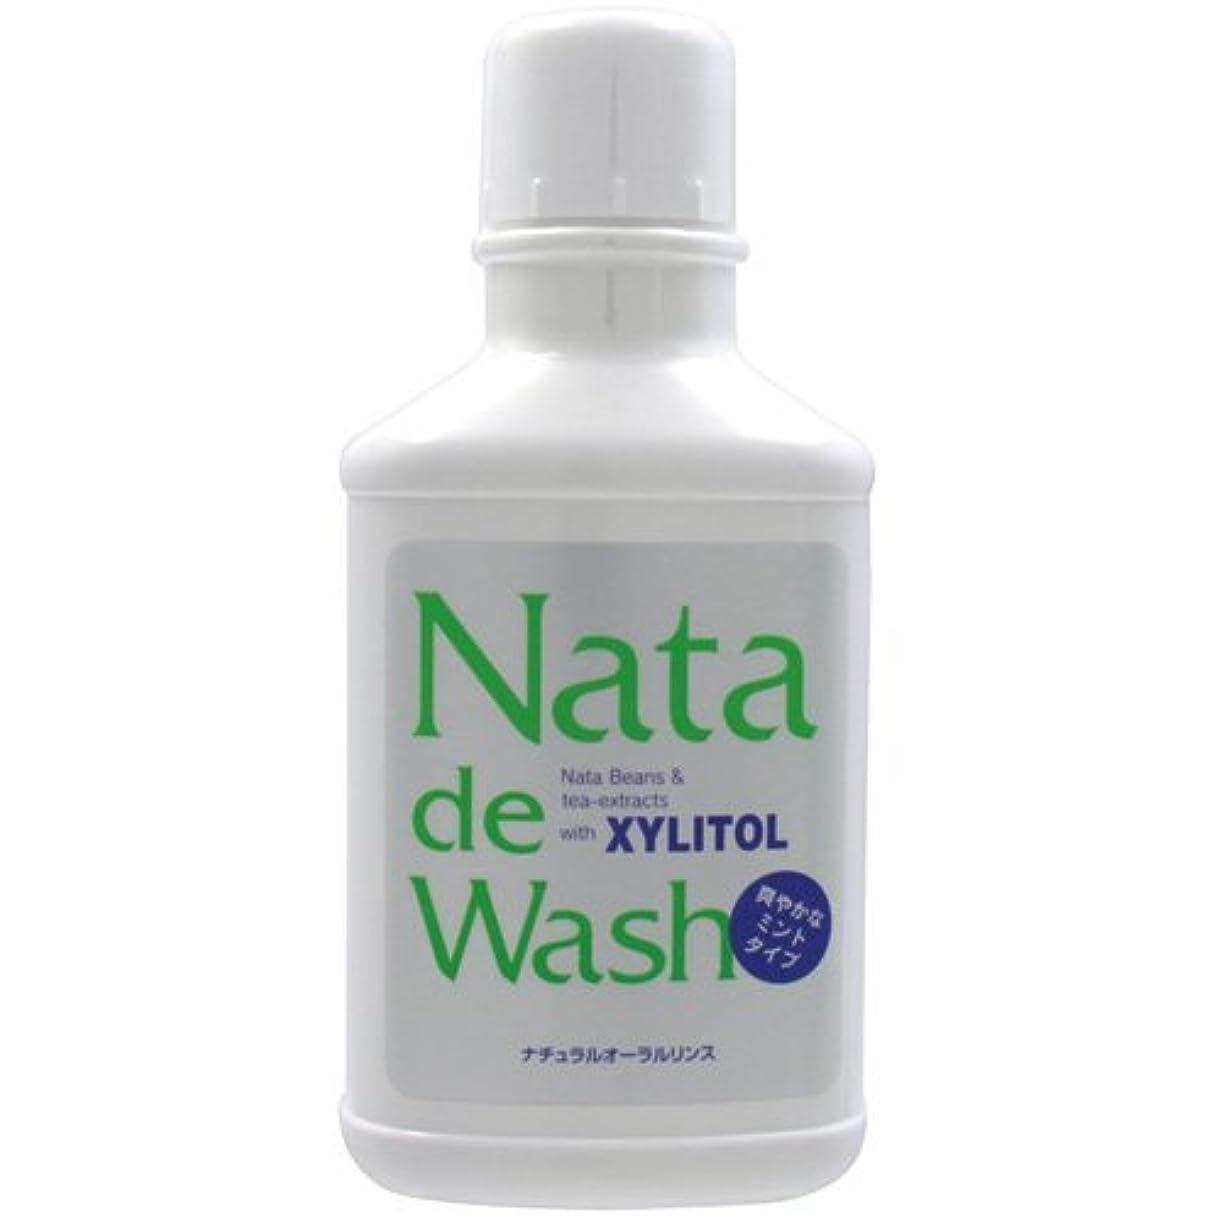 印象派納屋配当ナタデウォッシュ 500ml 口臭予防 歯磨きの後にお勧め ナタデ ウォッシュ